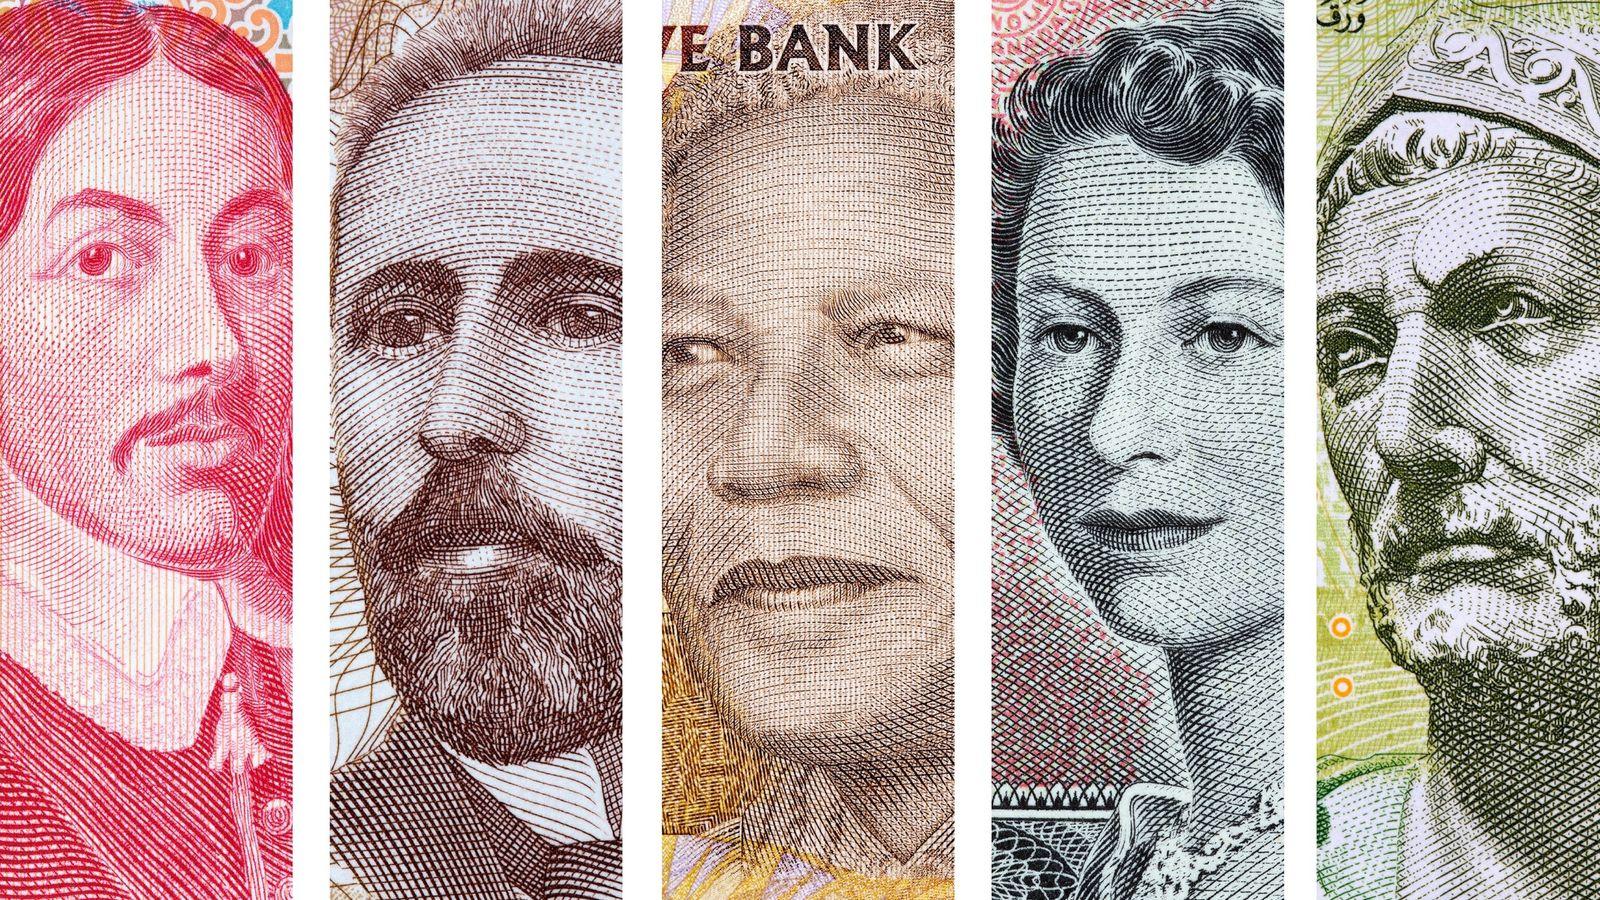 Mosaico de los rostros que aparecen en los billetes de varios países